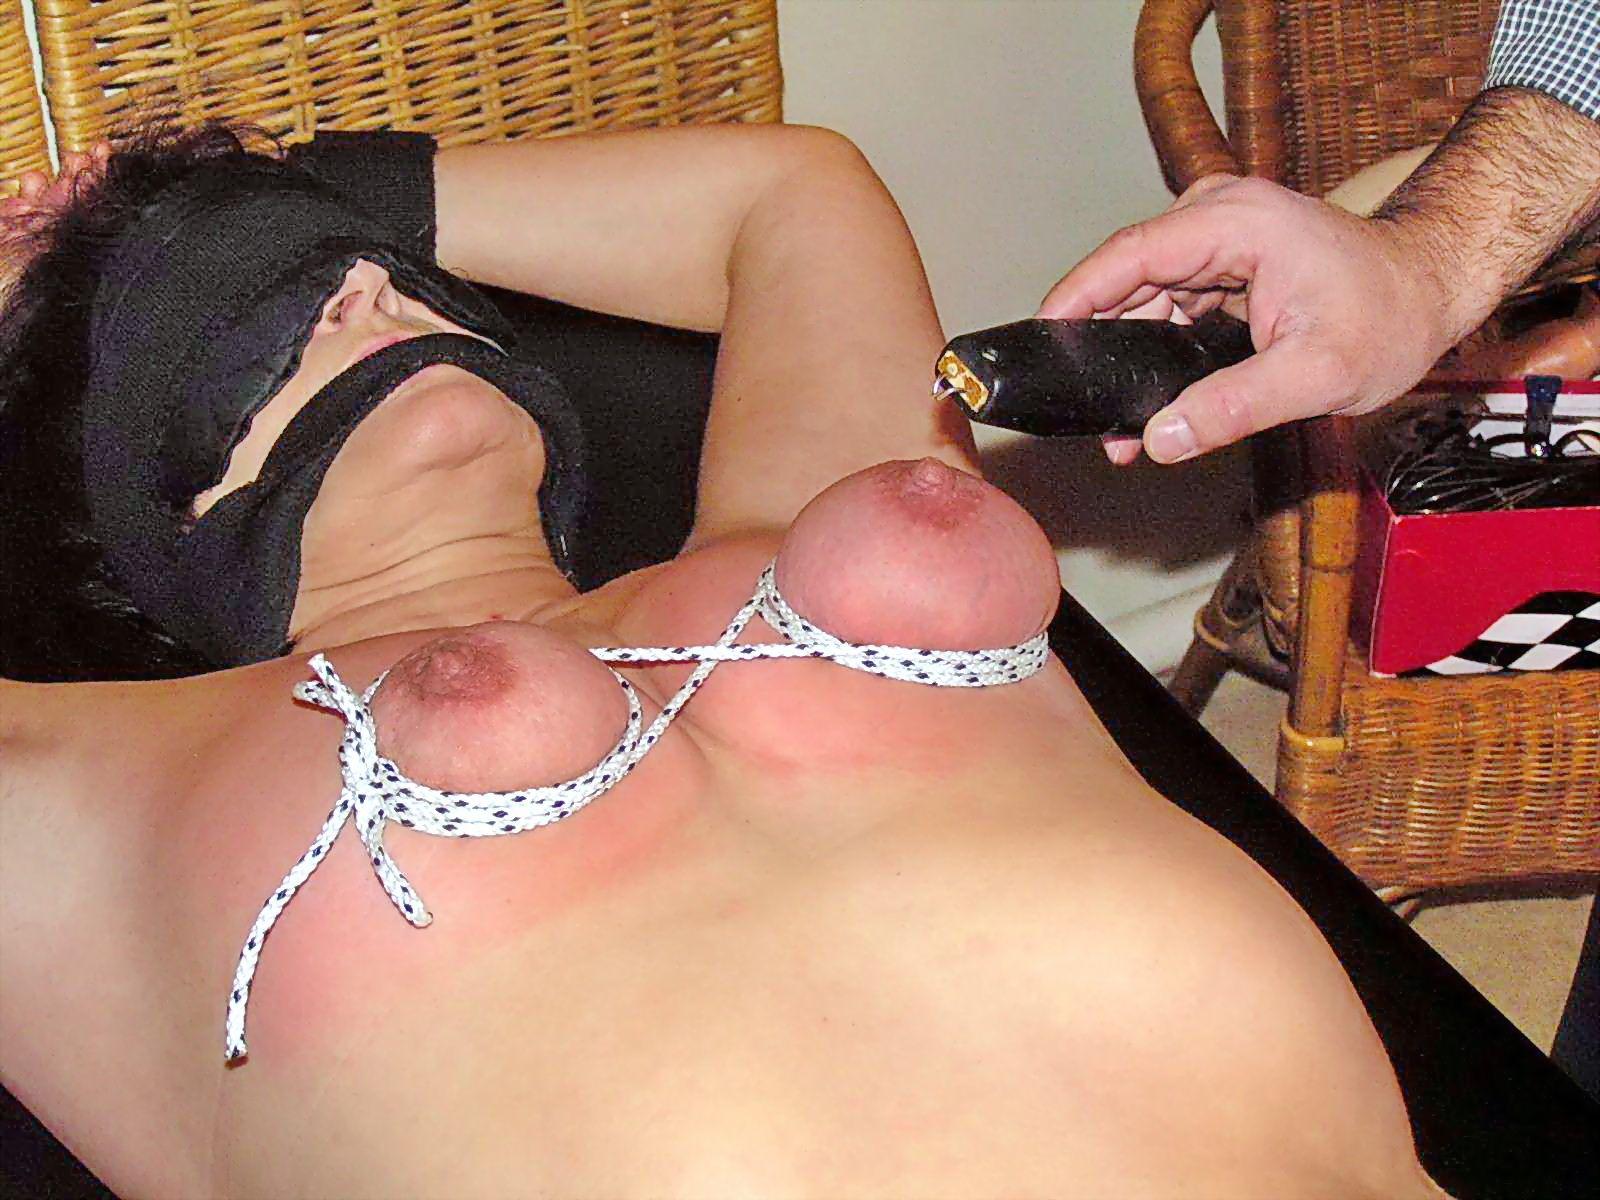 Смотреть порно жесткое бдсм онлайн бесплатно 20 фотография